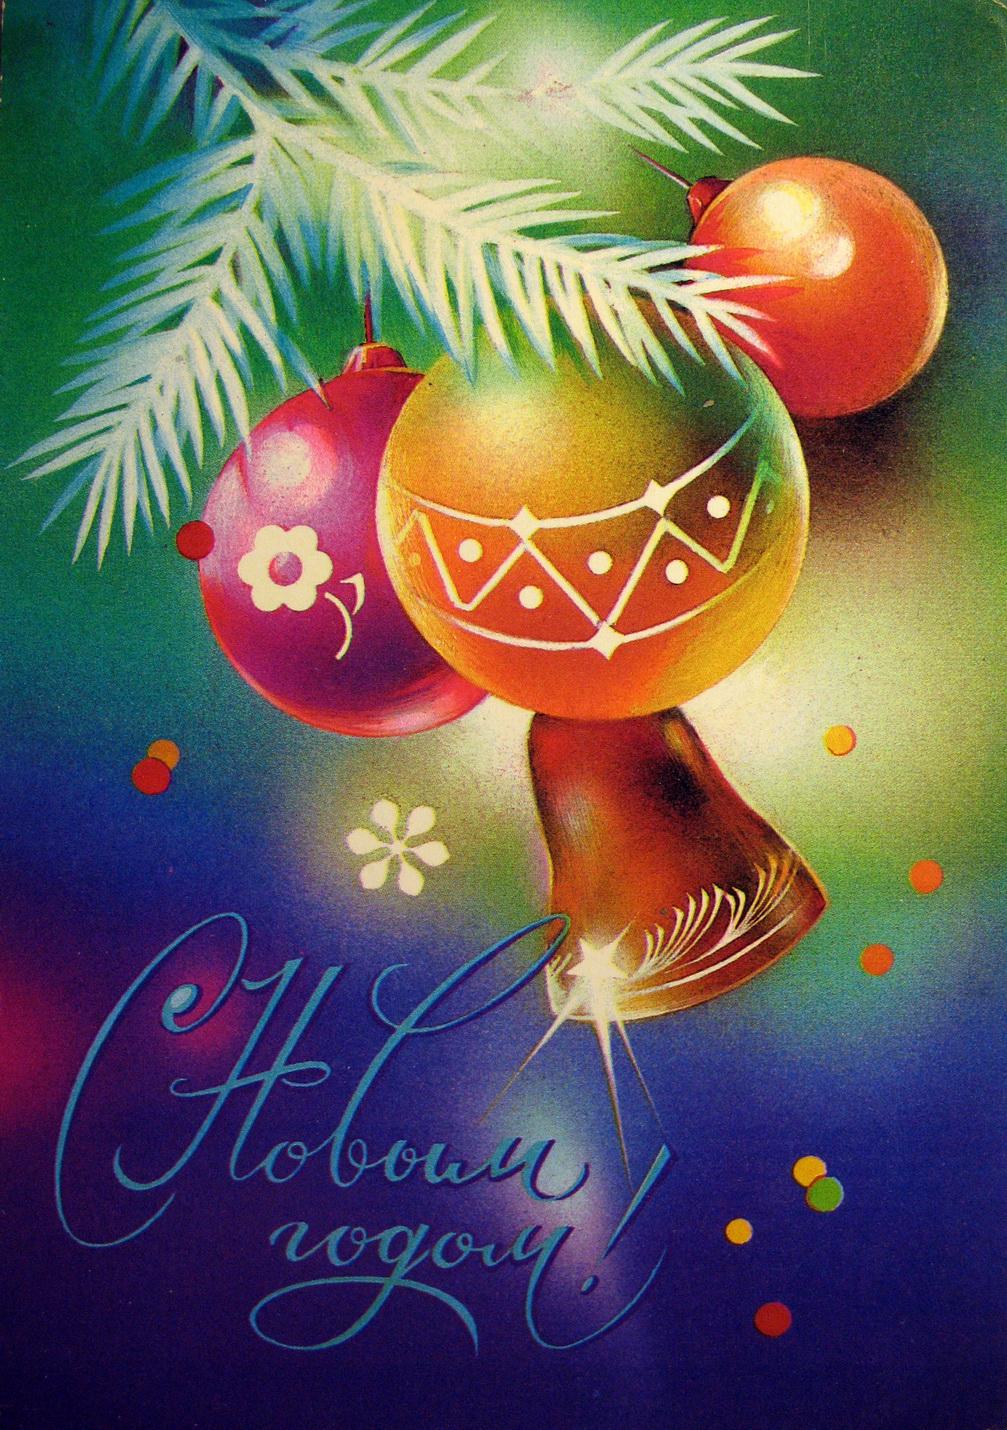 С Новым Годом!!! - поздравление читателей